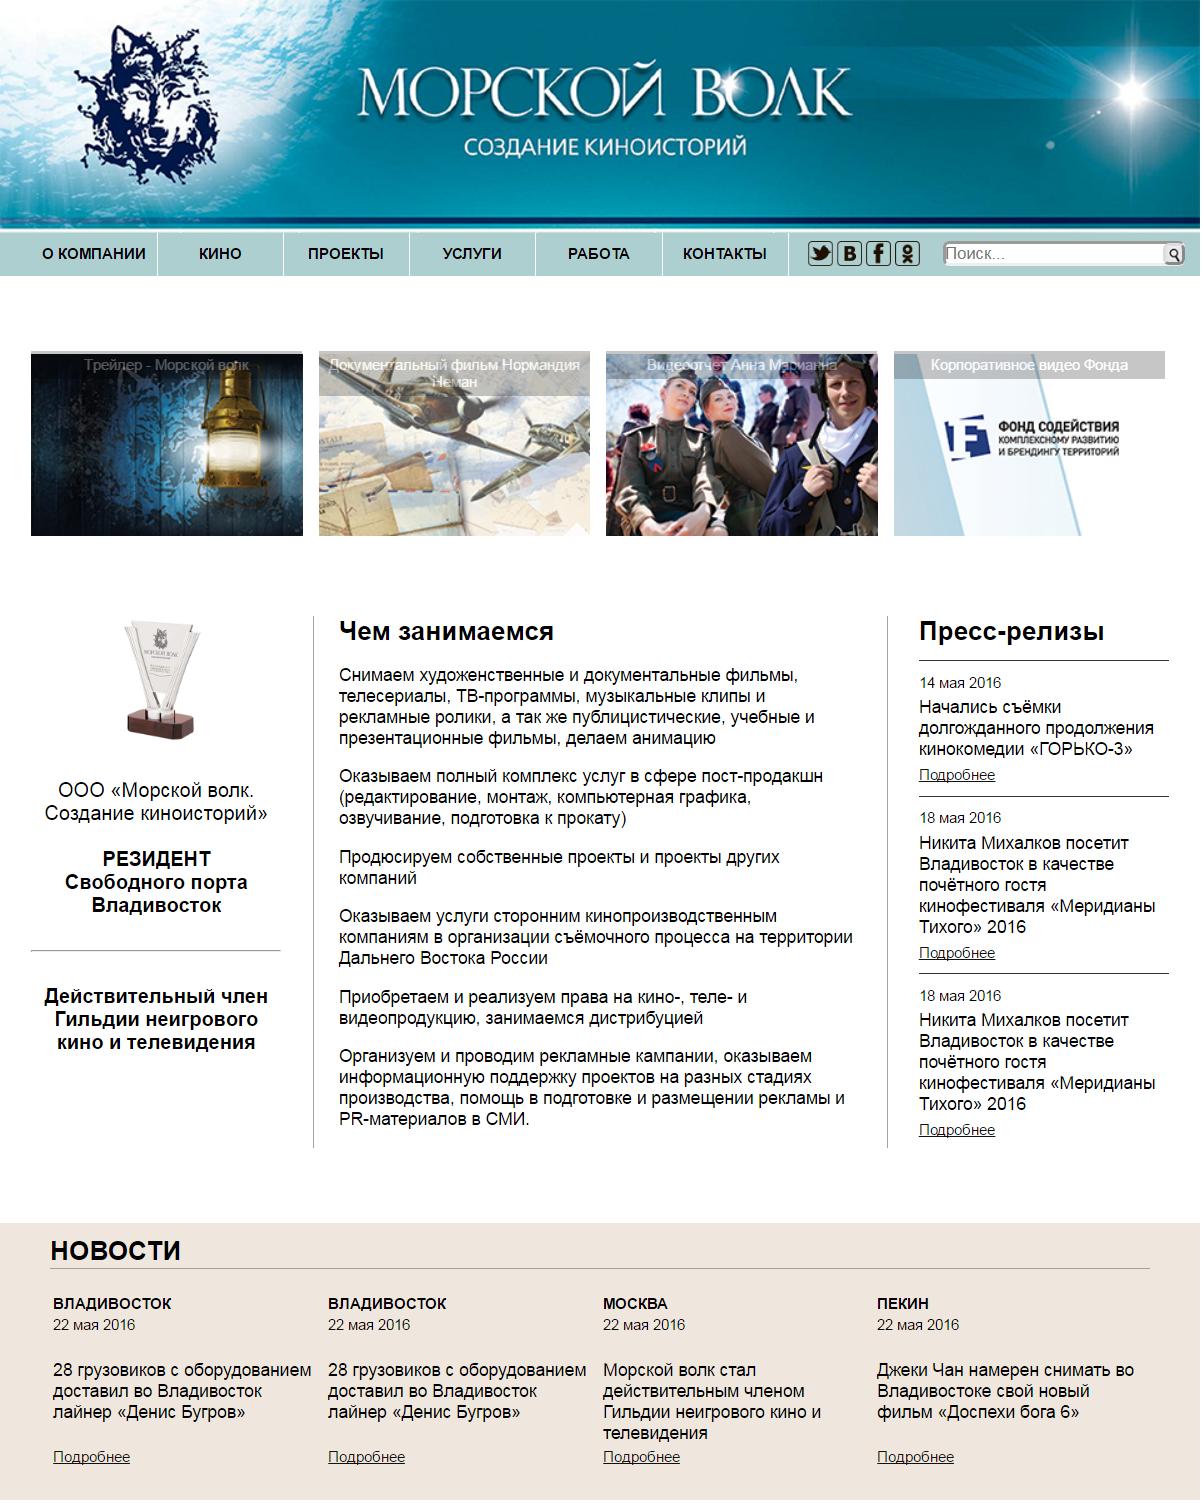 Макет резидента свободного порта Владивостока Морской волк